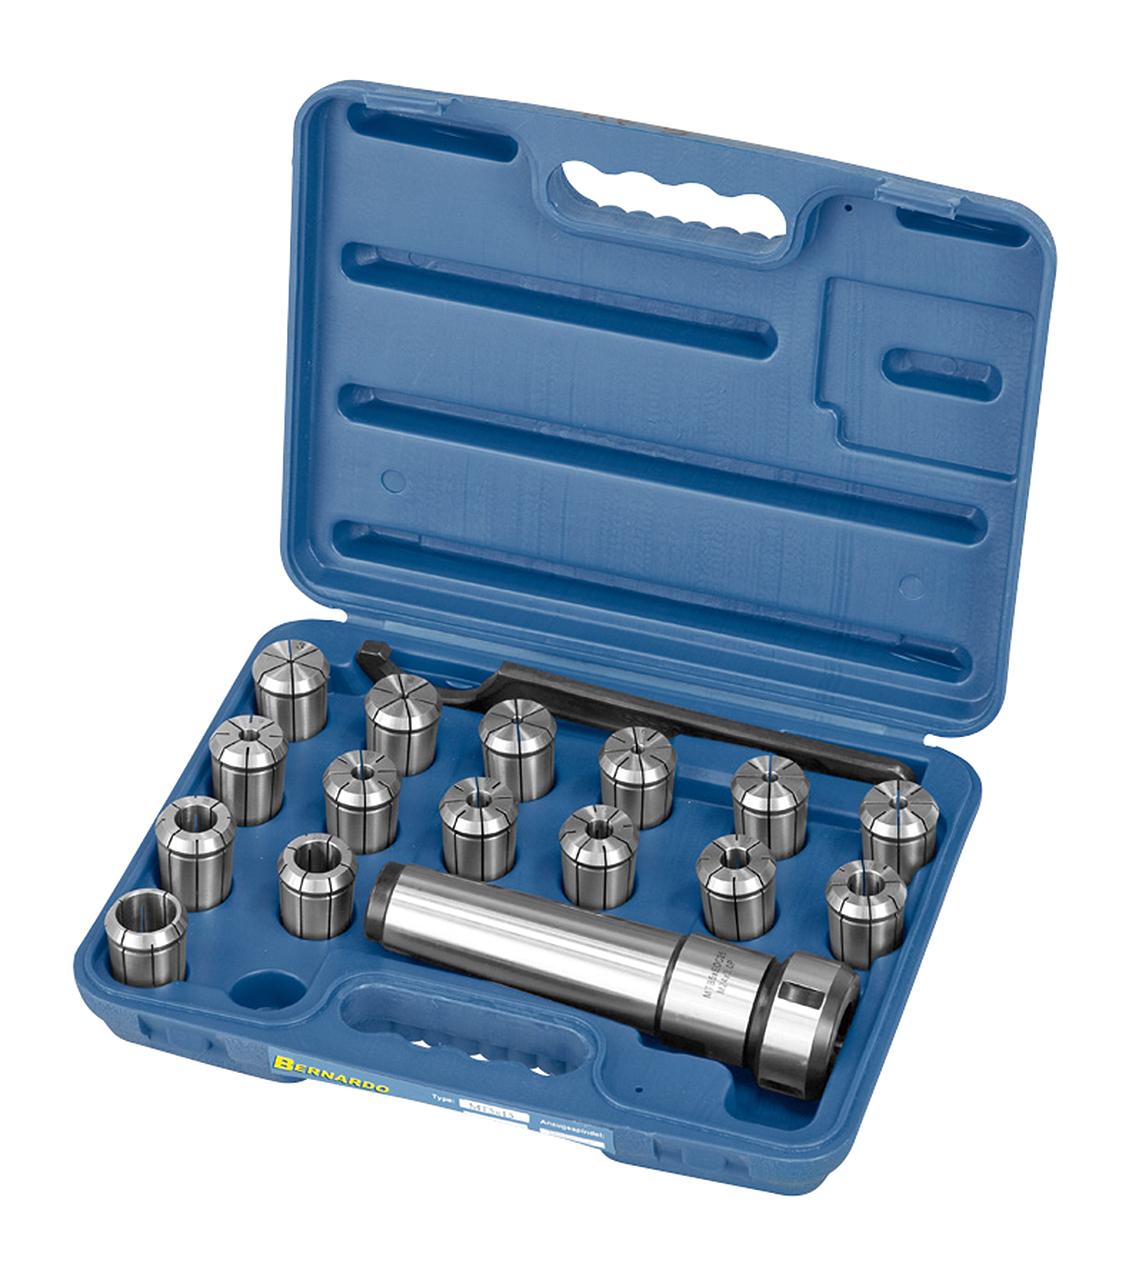 Spændetænger OZ-Set, MK 5, 3 - 25 mm